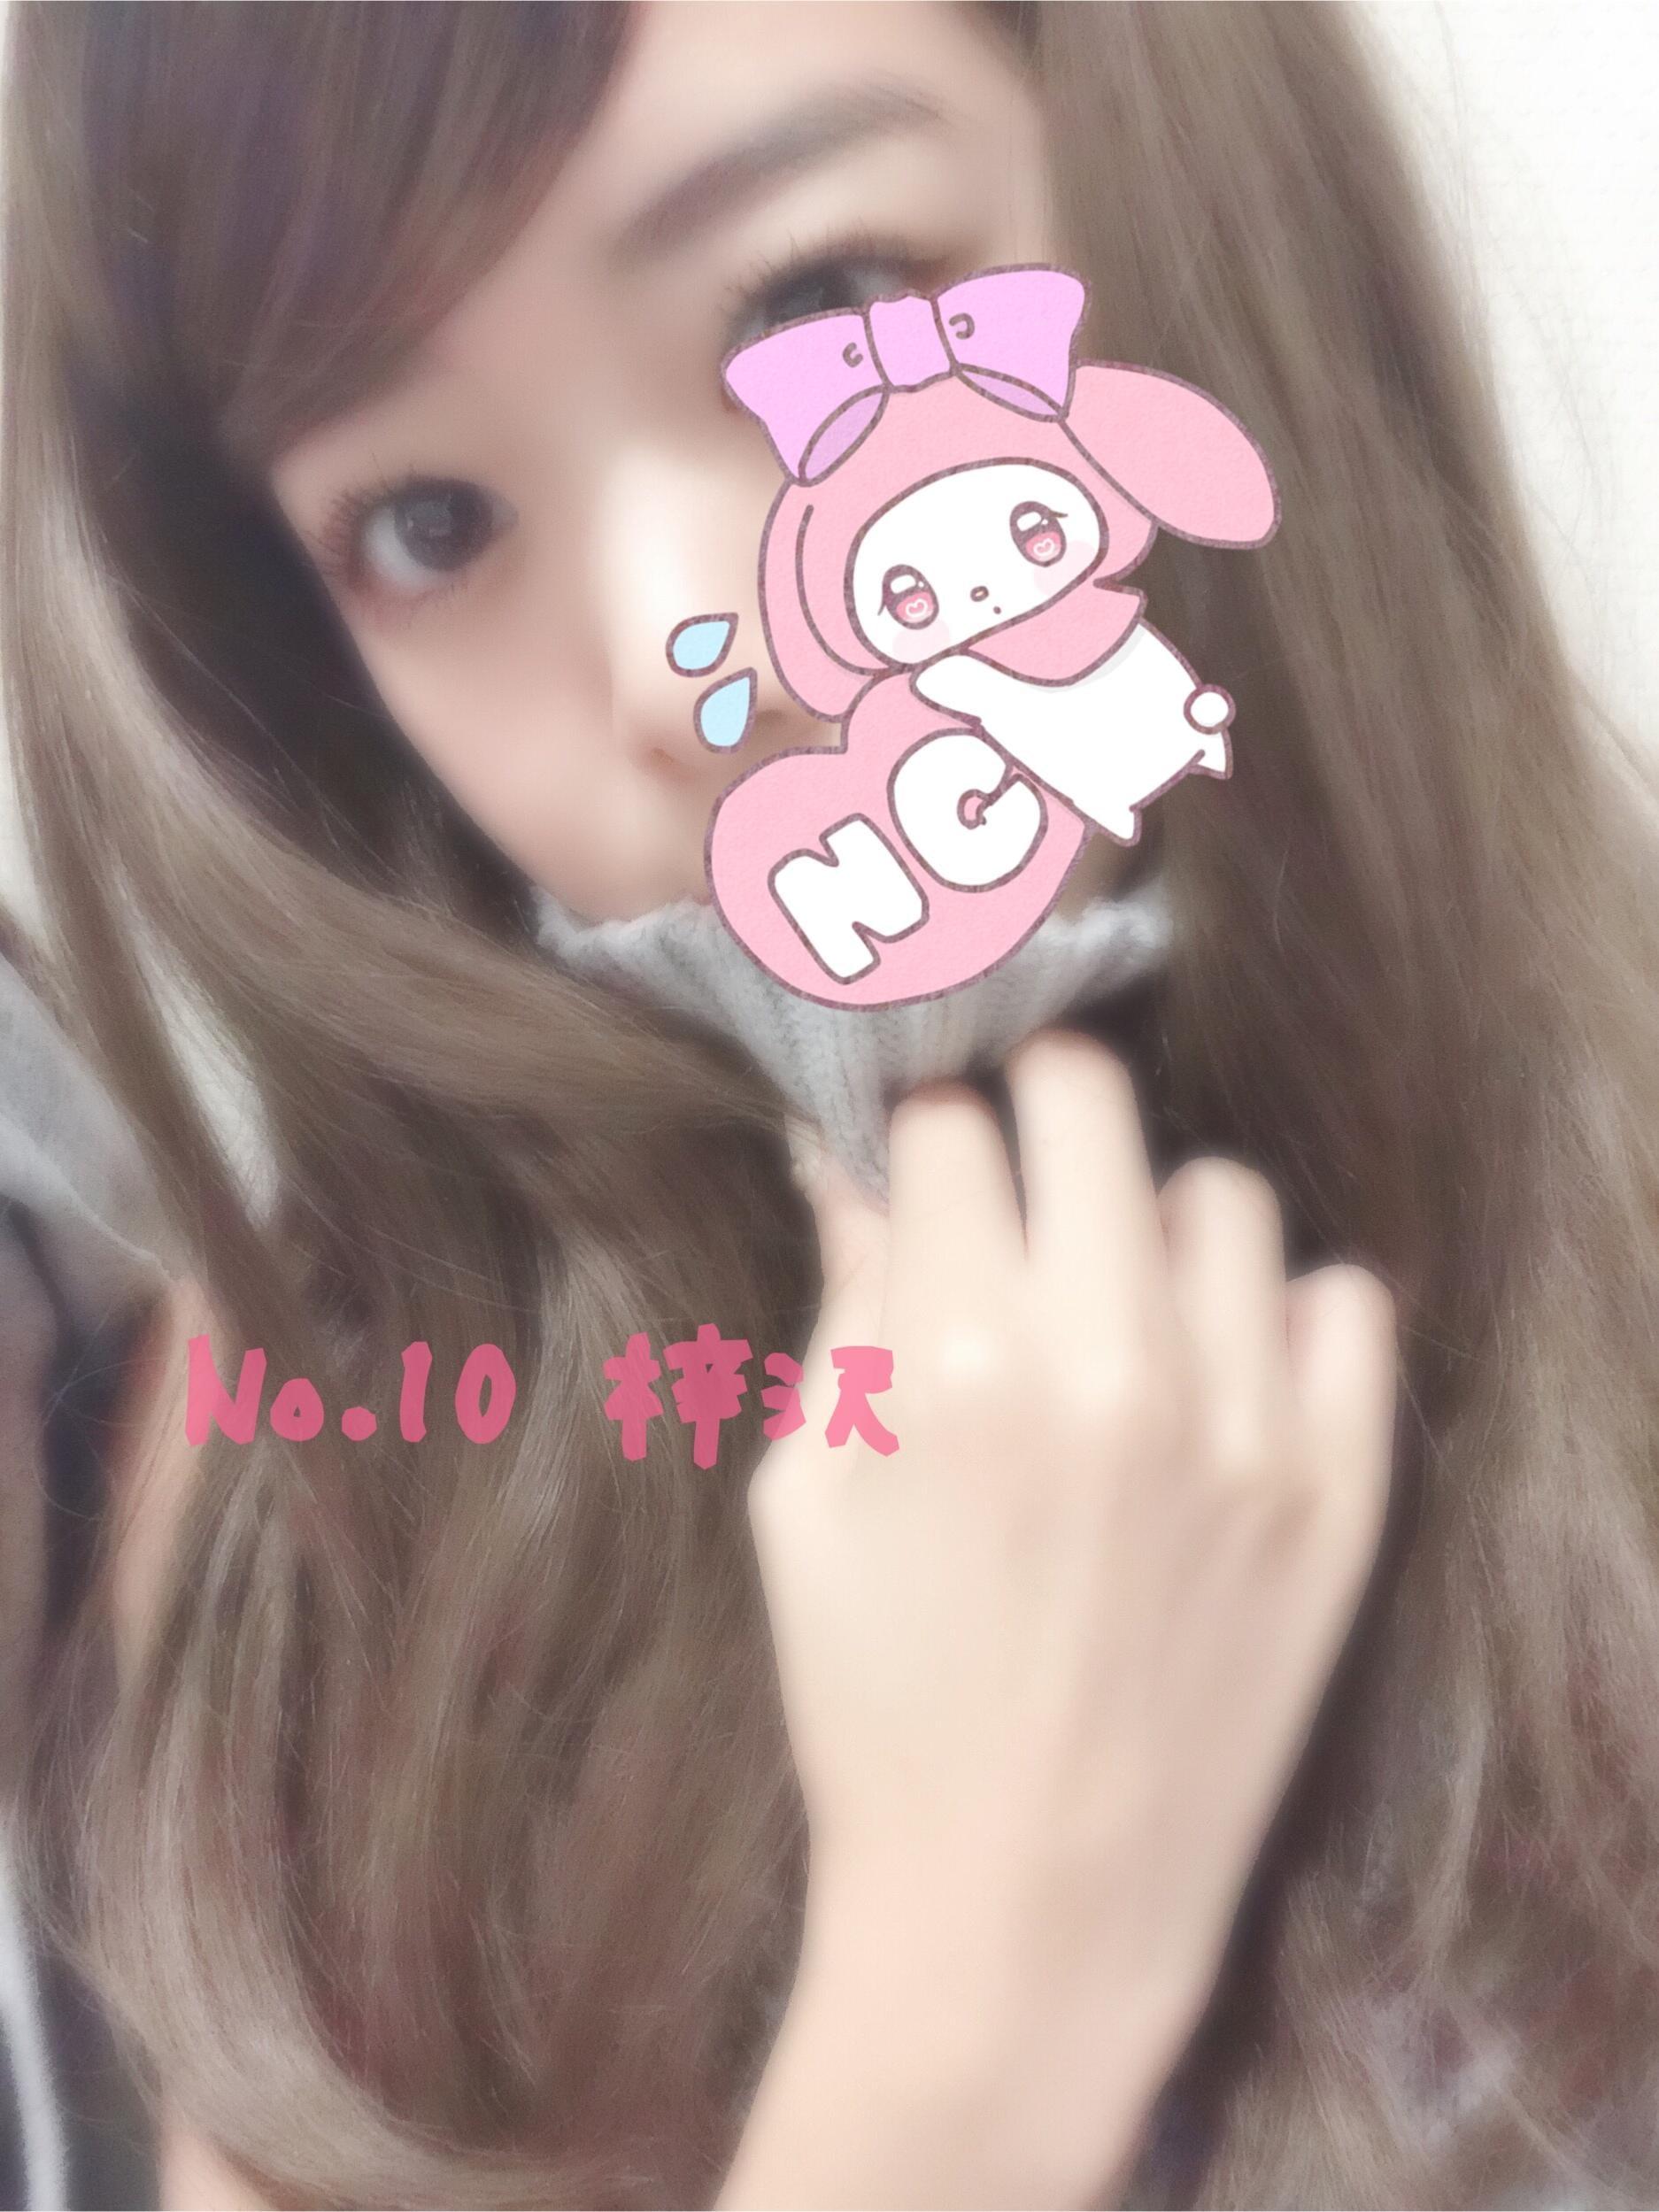 「今月はえろニットだーー」02/05(02/05) 16:14   梓沢の写メ・風俗動画